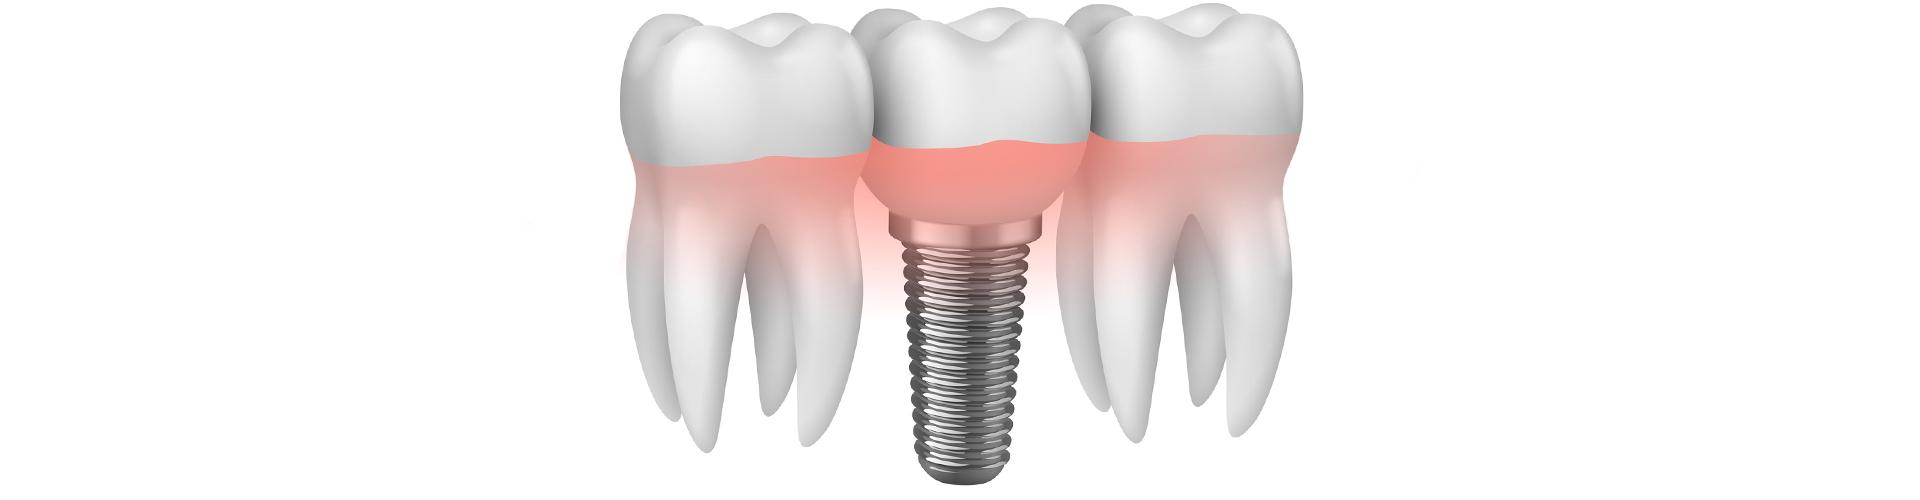 Implantologia Studio Dentistico Associato Dott. R. Zanetti - Dott. G. Costantini a Campodarsego Padova